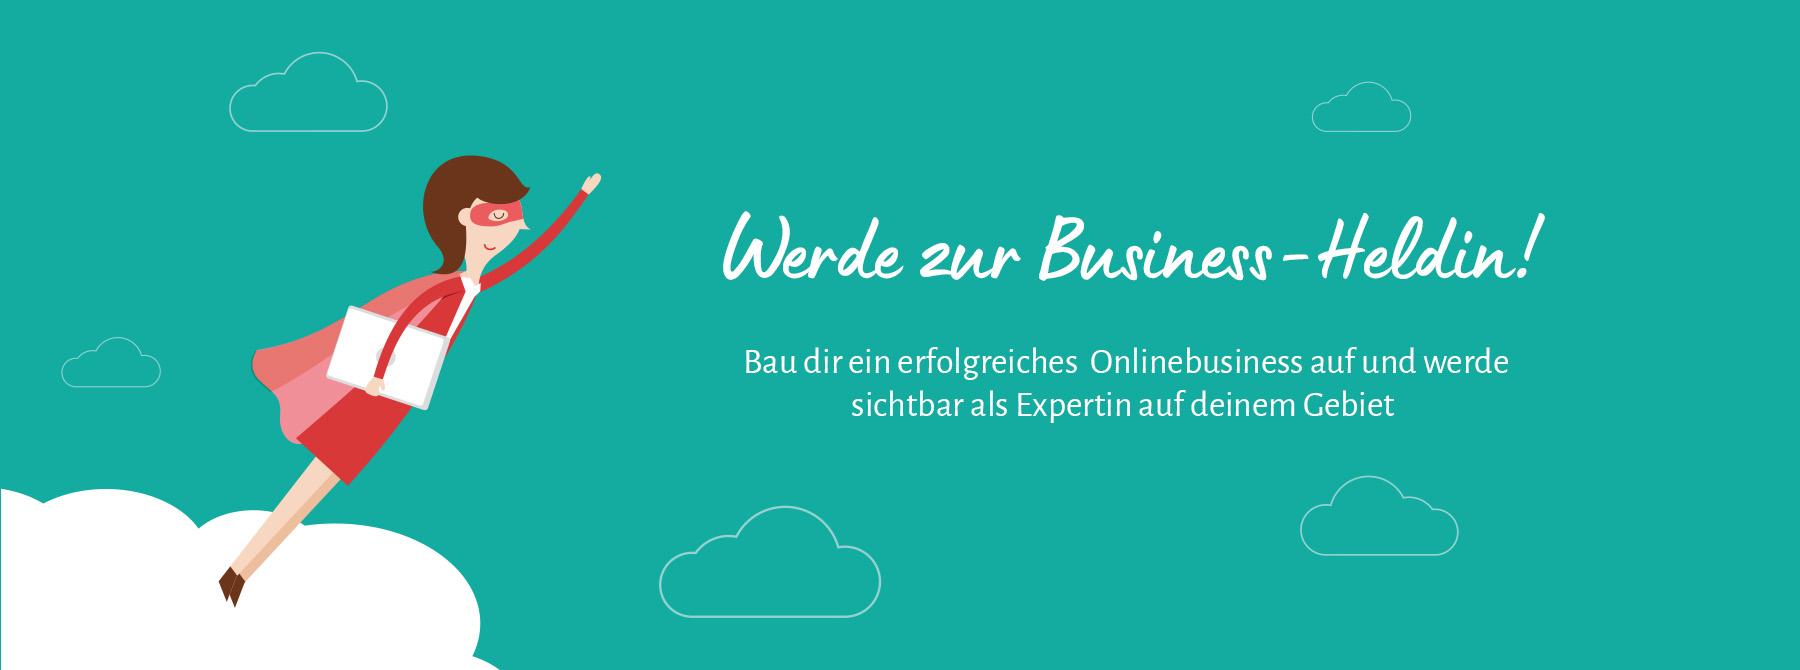 Business-Heldinnen Erfolgreiches Onlinebusiness